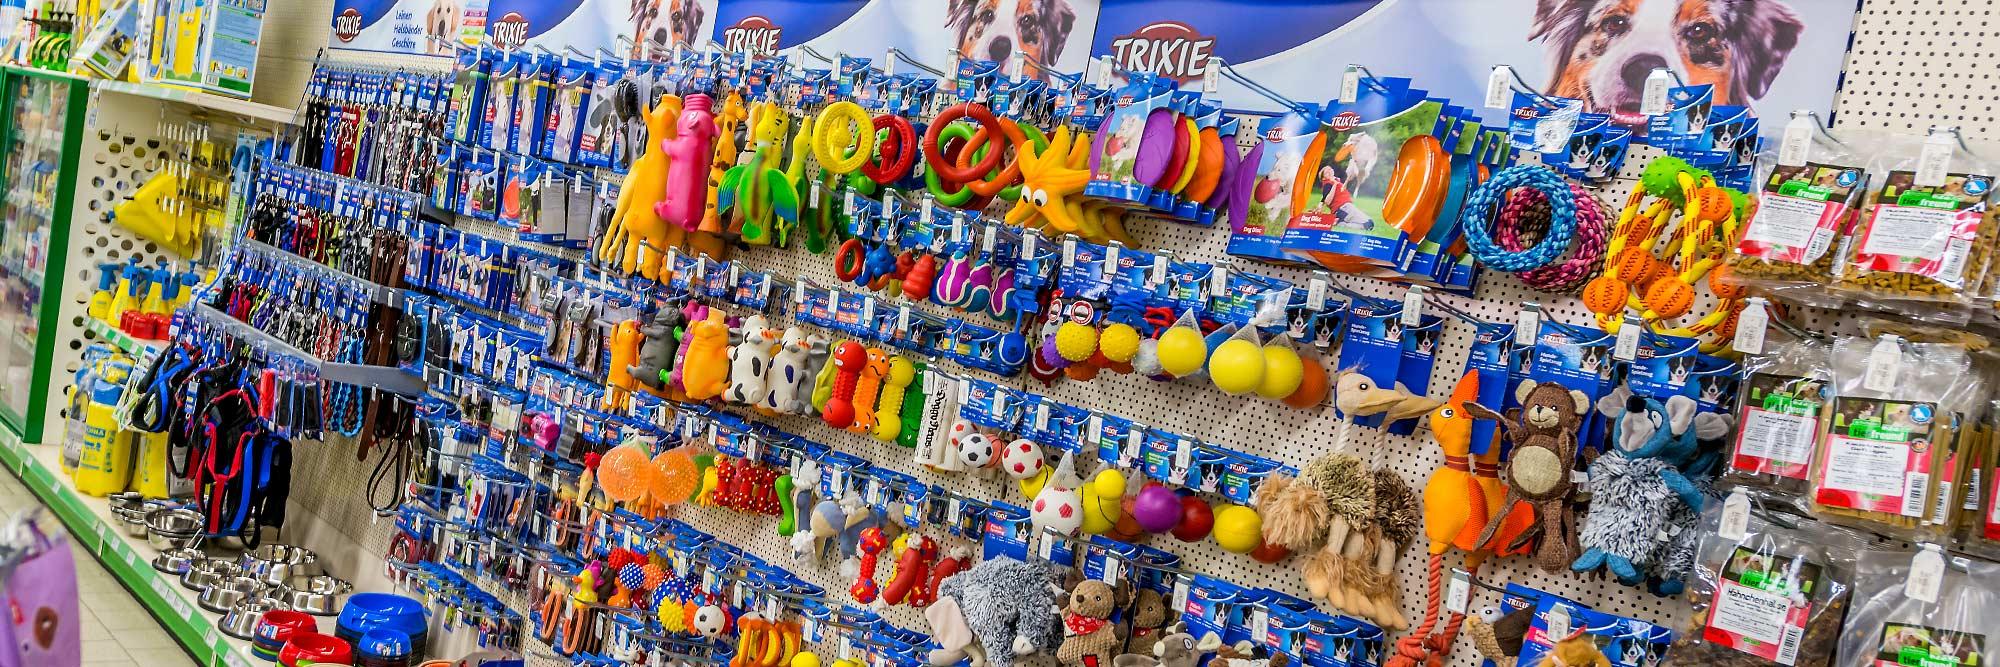 Raiffeisen Markt Ottmarsbocholt Tierspielzeug